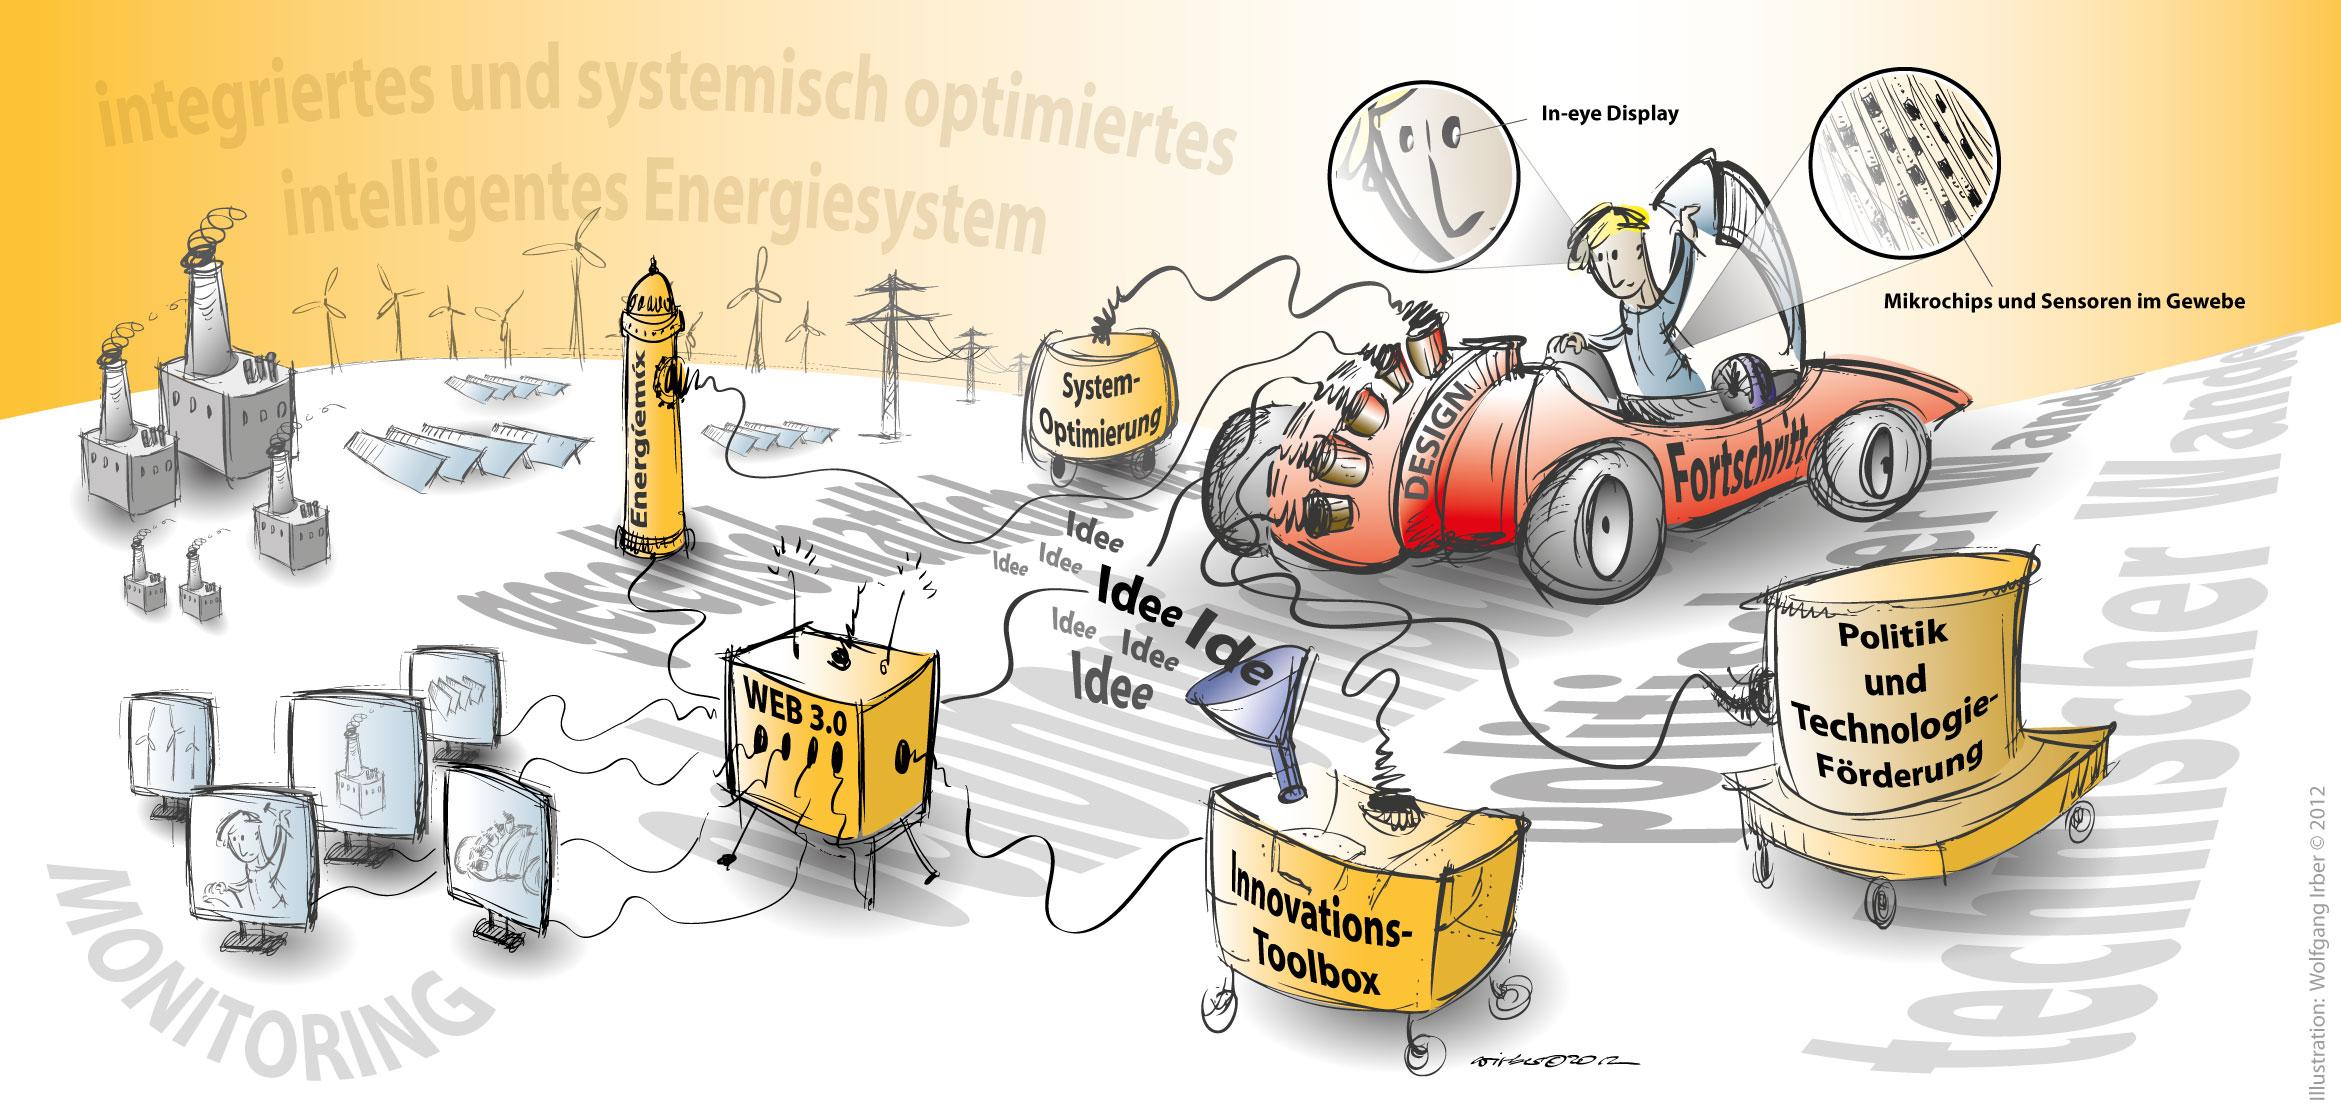 zusammenfassendes-bild-der-key-topics-im-innovationsforum